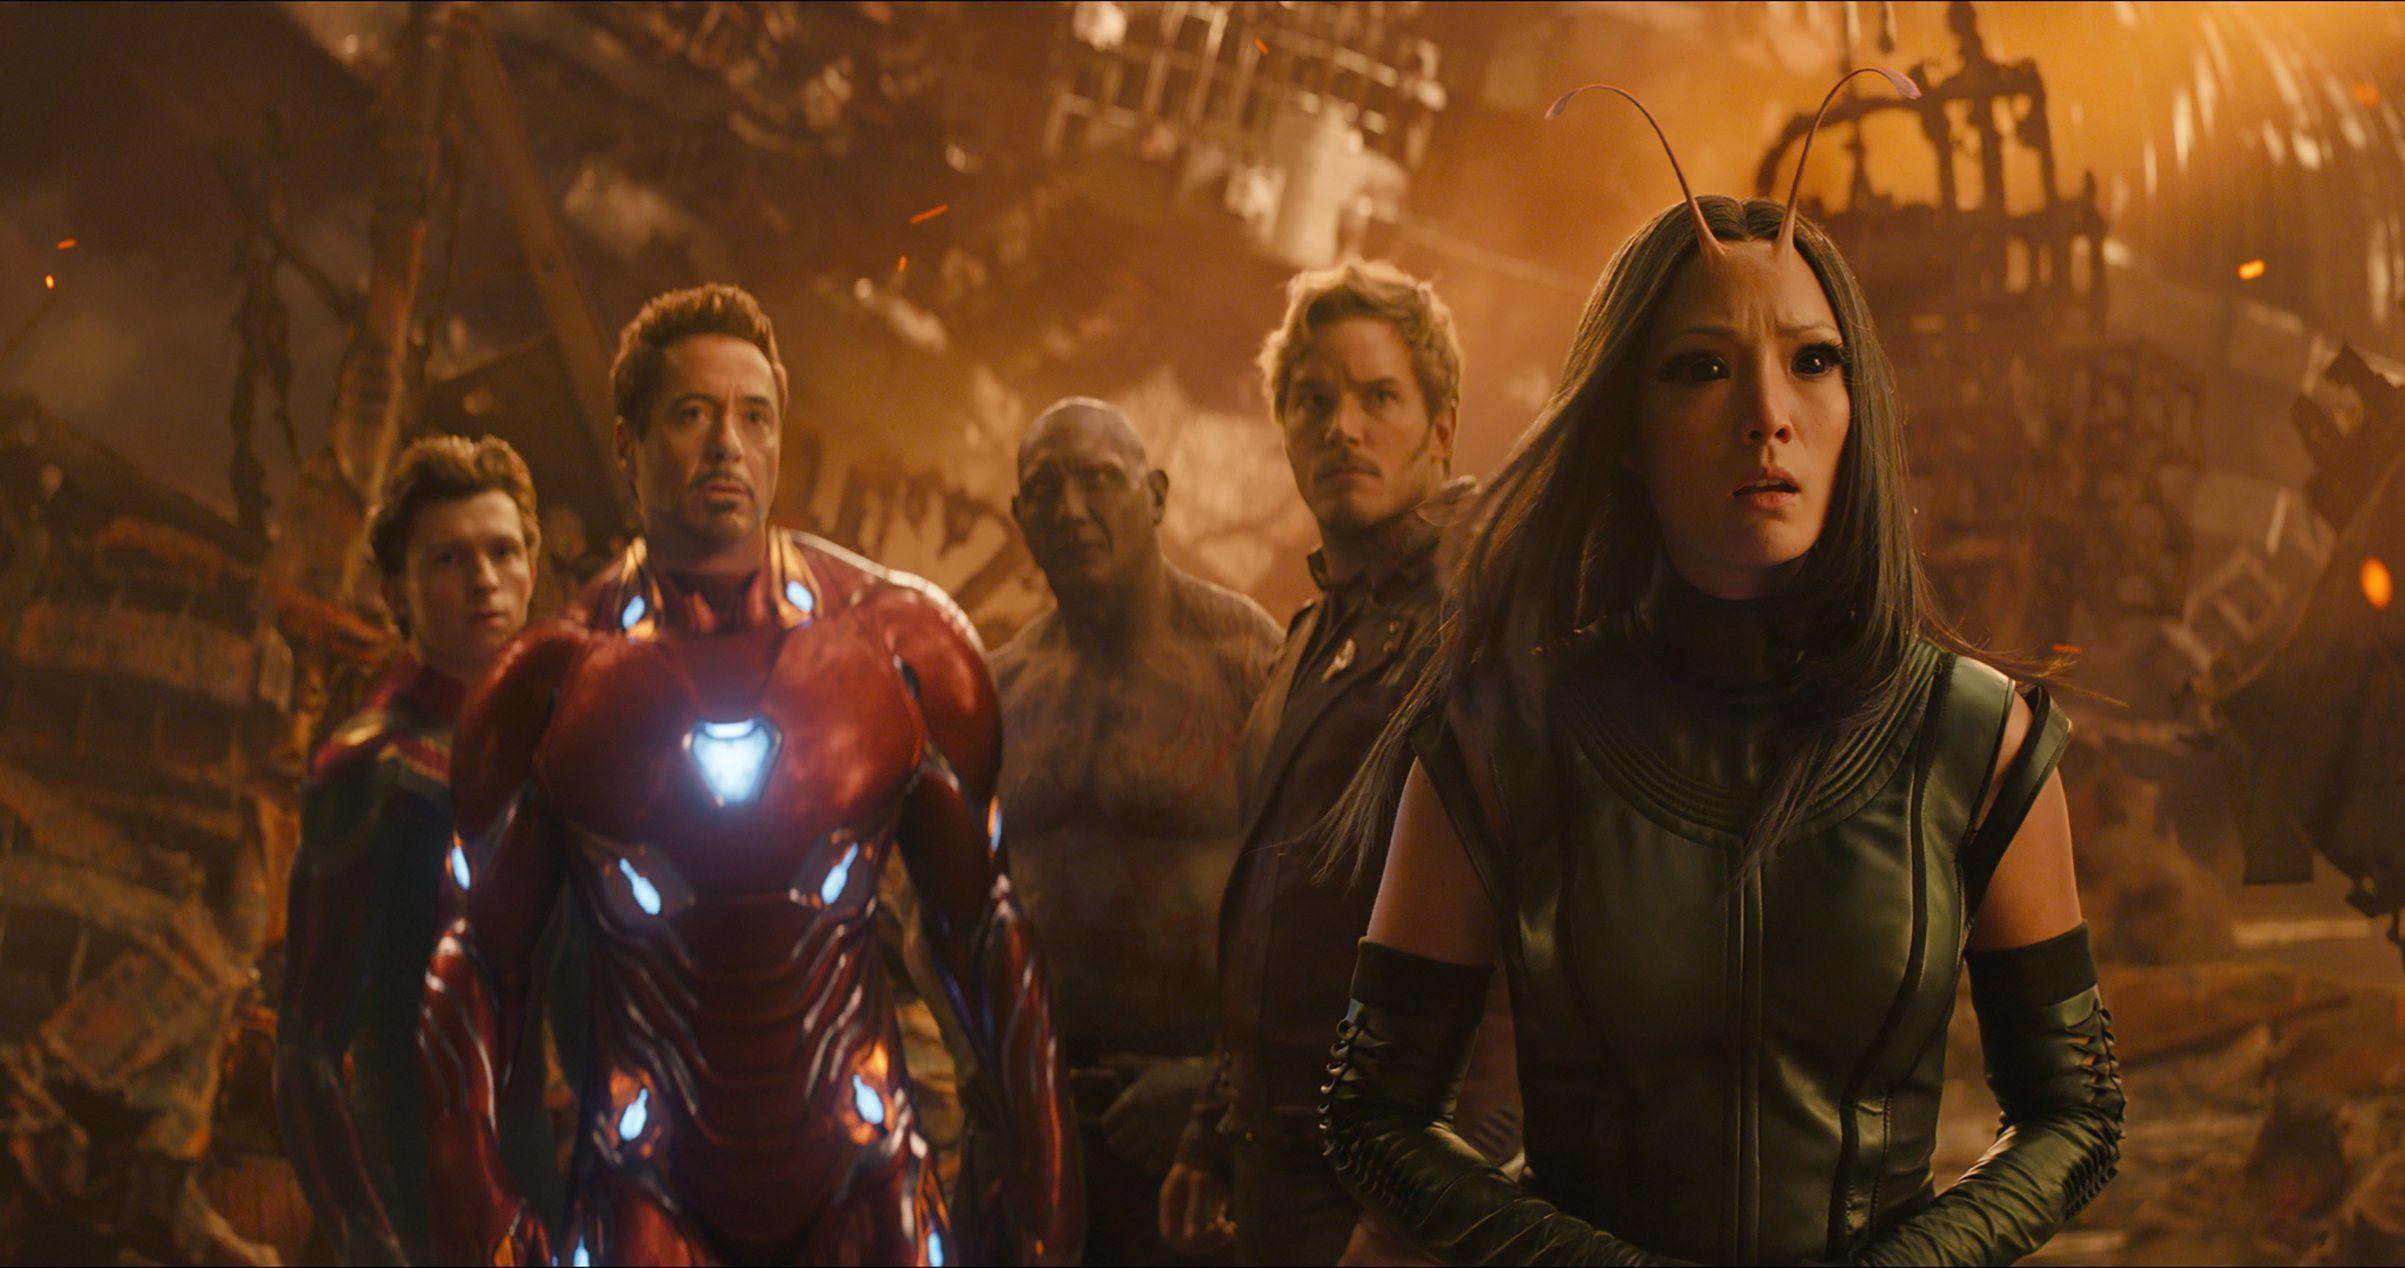 漫威,Marvel,超級英雄,復仇者聯盟,無限之戰,刪減片段,電影